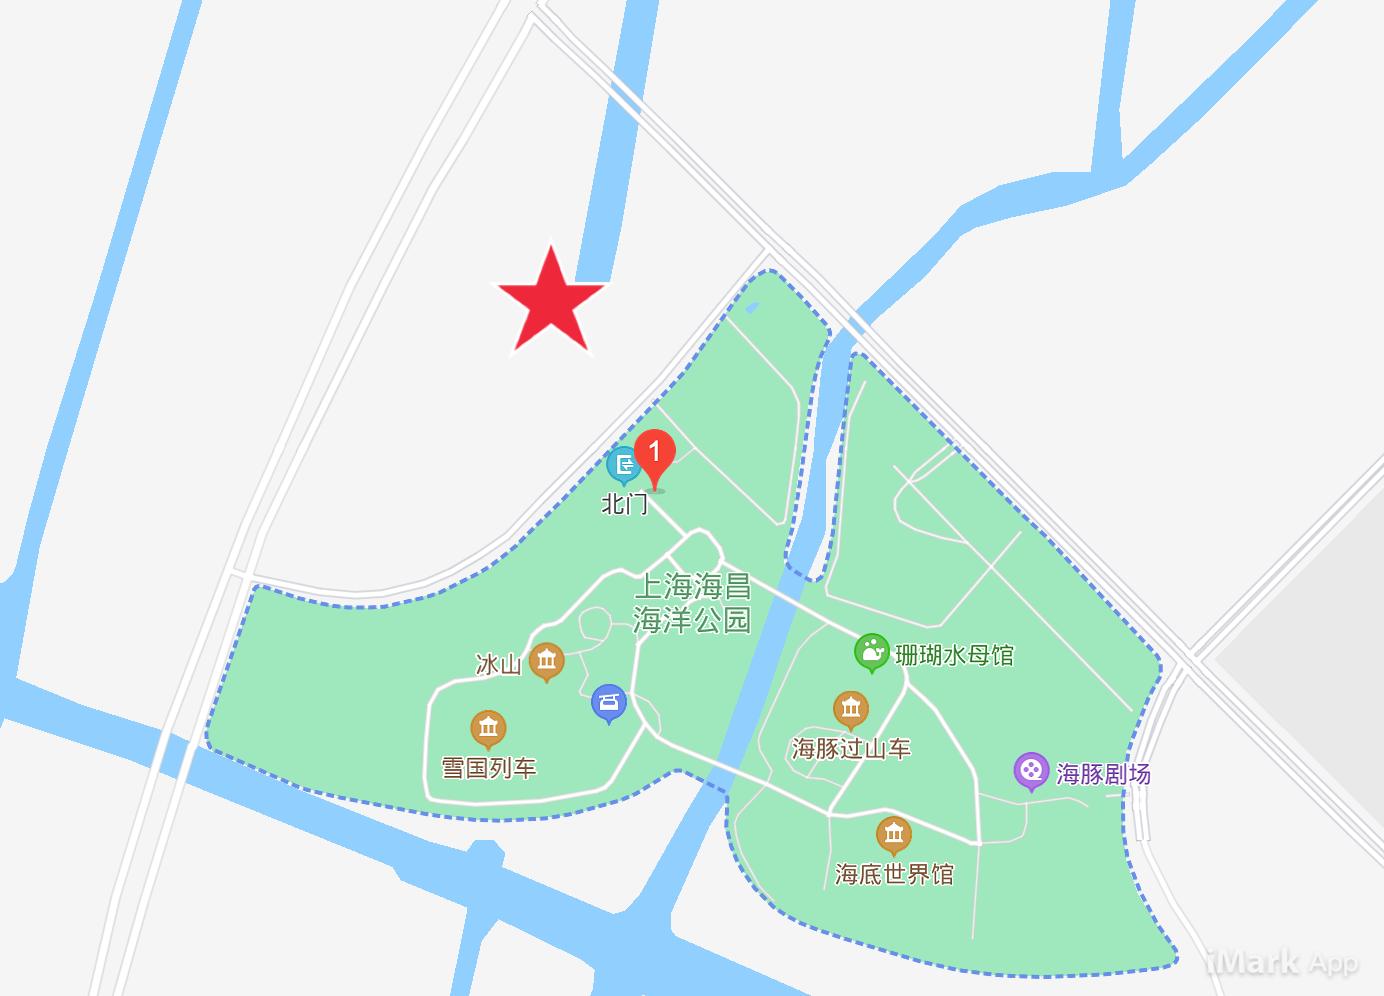 上海海昌海洋公园版图扩大:联合港城集团竞得临港商业地块